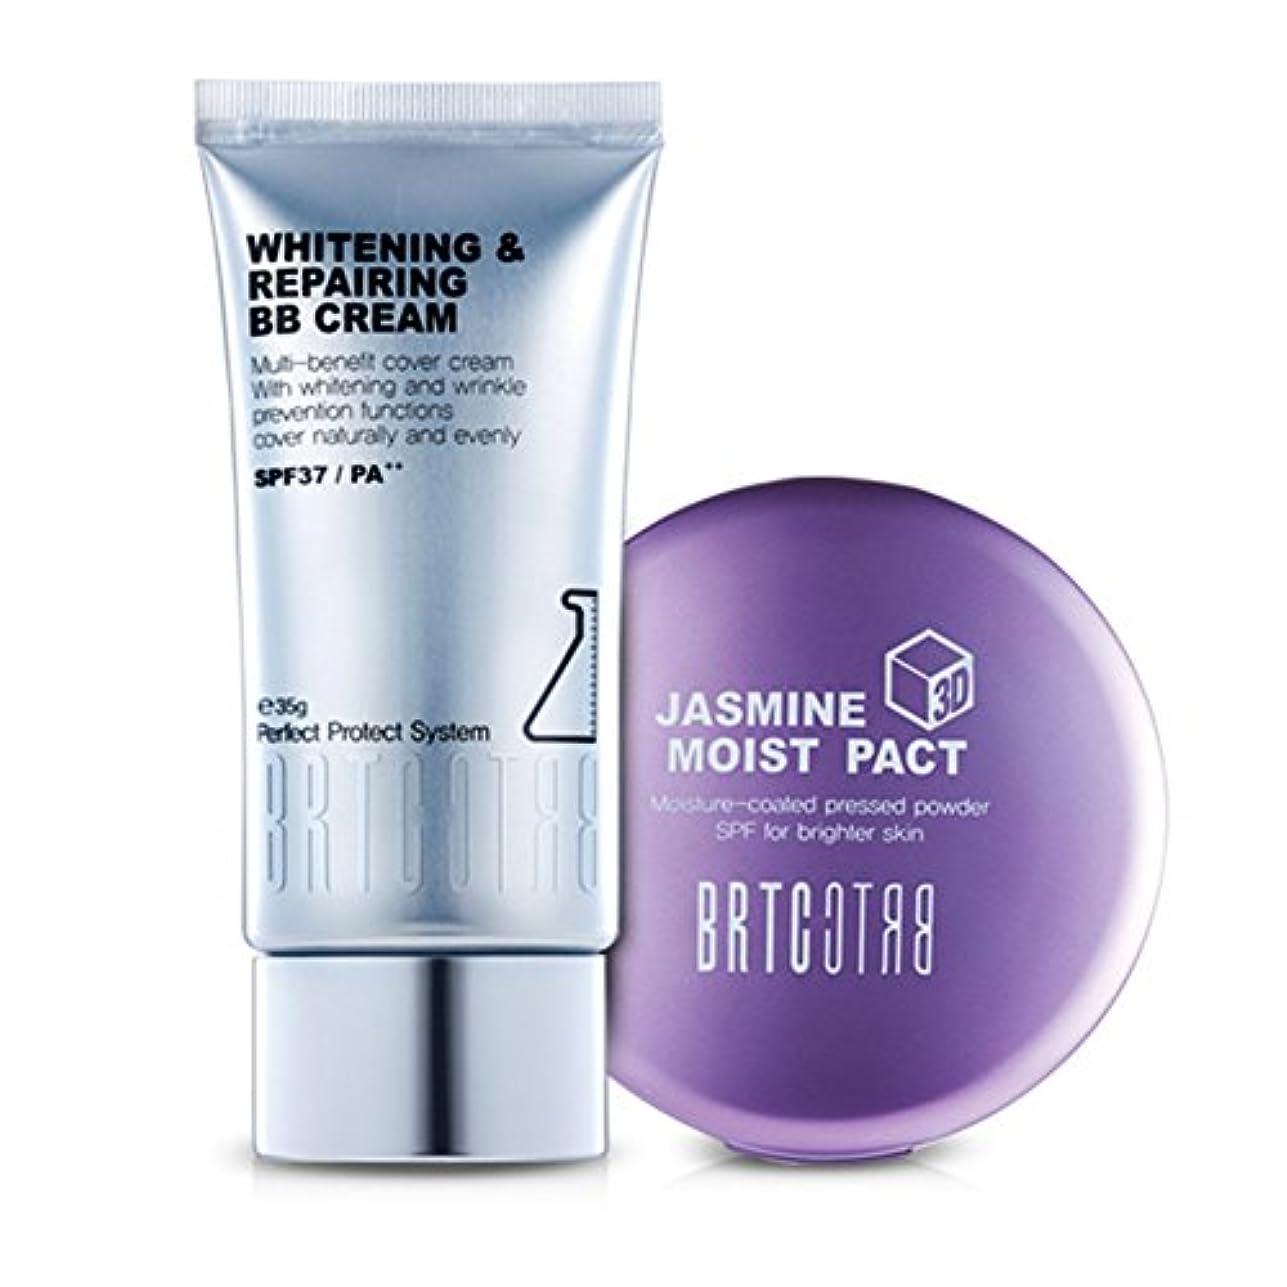 ジョージハンブリー最も早いパッチ【BRTC/非アルティ時】Whitening&Moisture Make Up Setホワイトニングビビ水分ファクト35g 13g[BB Cream+ Moist Pact Set](海外直送品)